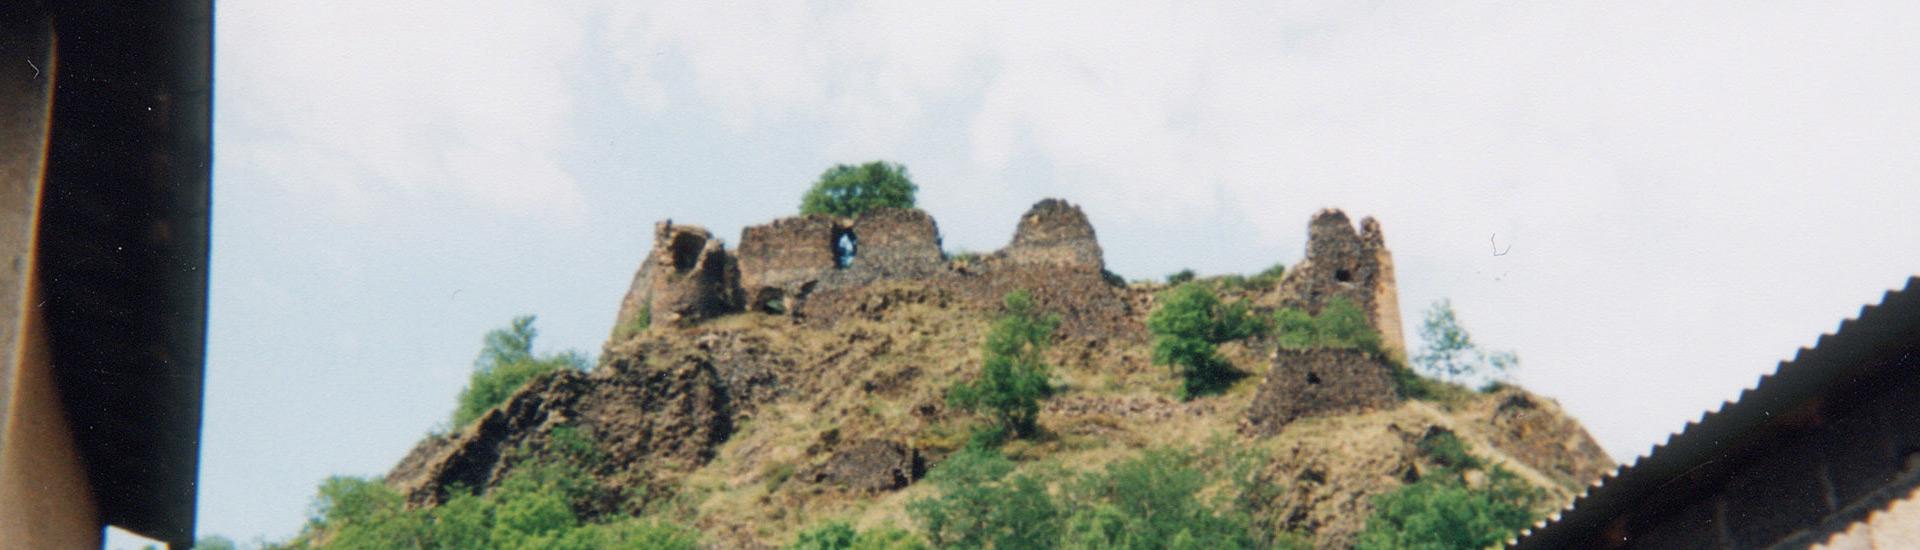 Chateau de Buron